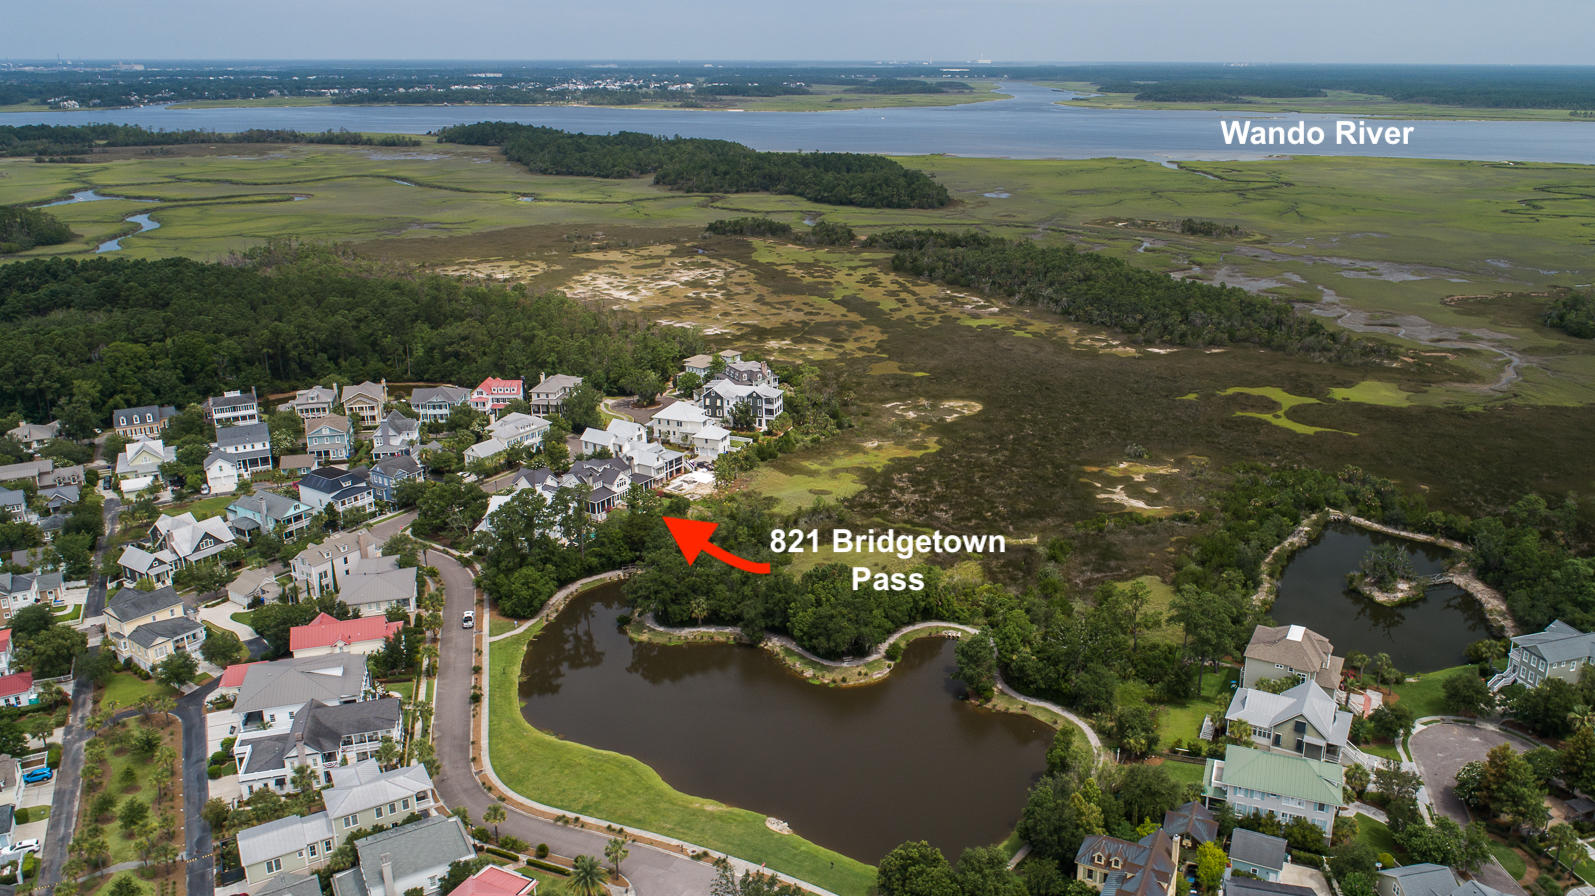 Belle Hall Homes For Sale - 821 Bridgetown Pass, Mount Pleasant, SC - 28